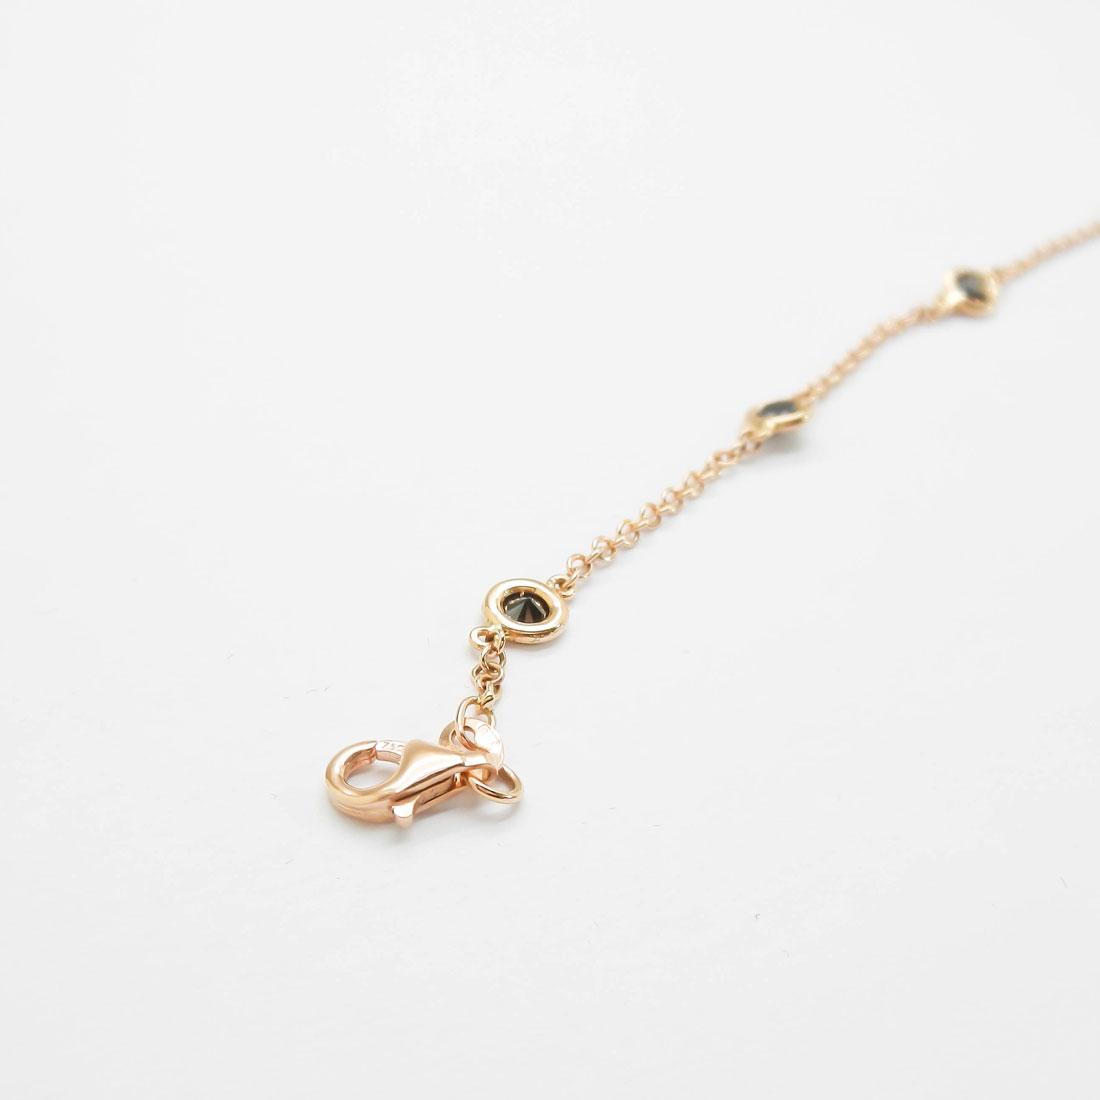 il-marchese-diamonds-diamanti-gioielli-artigianali-bracciale-maglia-oro-rosa-diamanti-neri-2